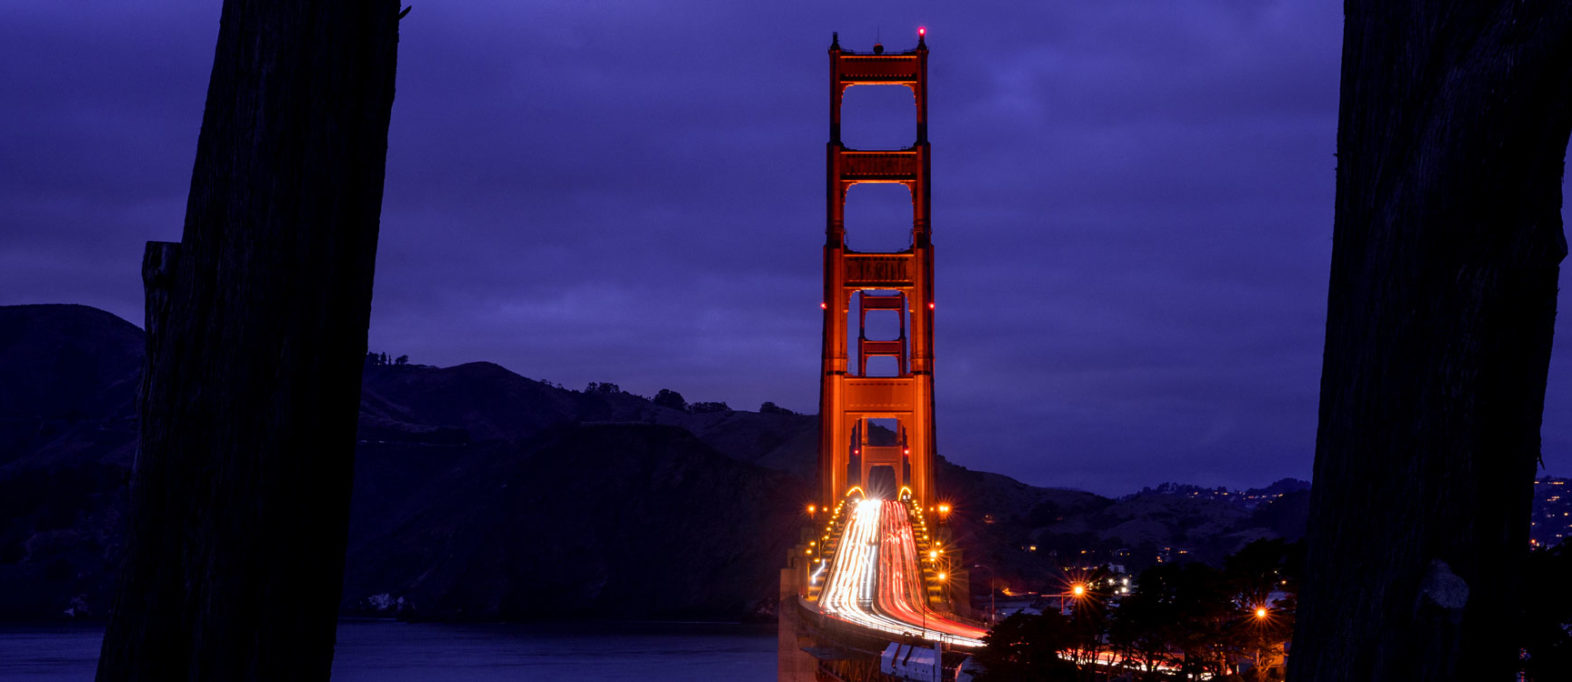 San Francisco Sehenswürdigkeiten Golden Gate Bridge Lookout